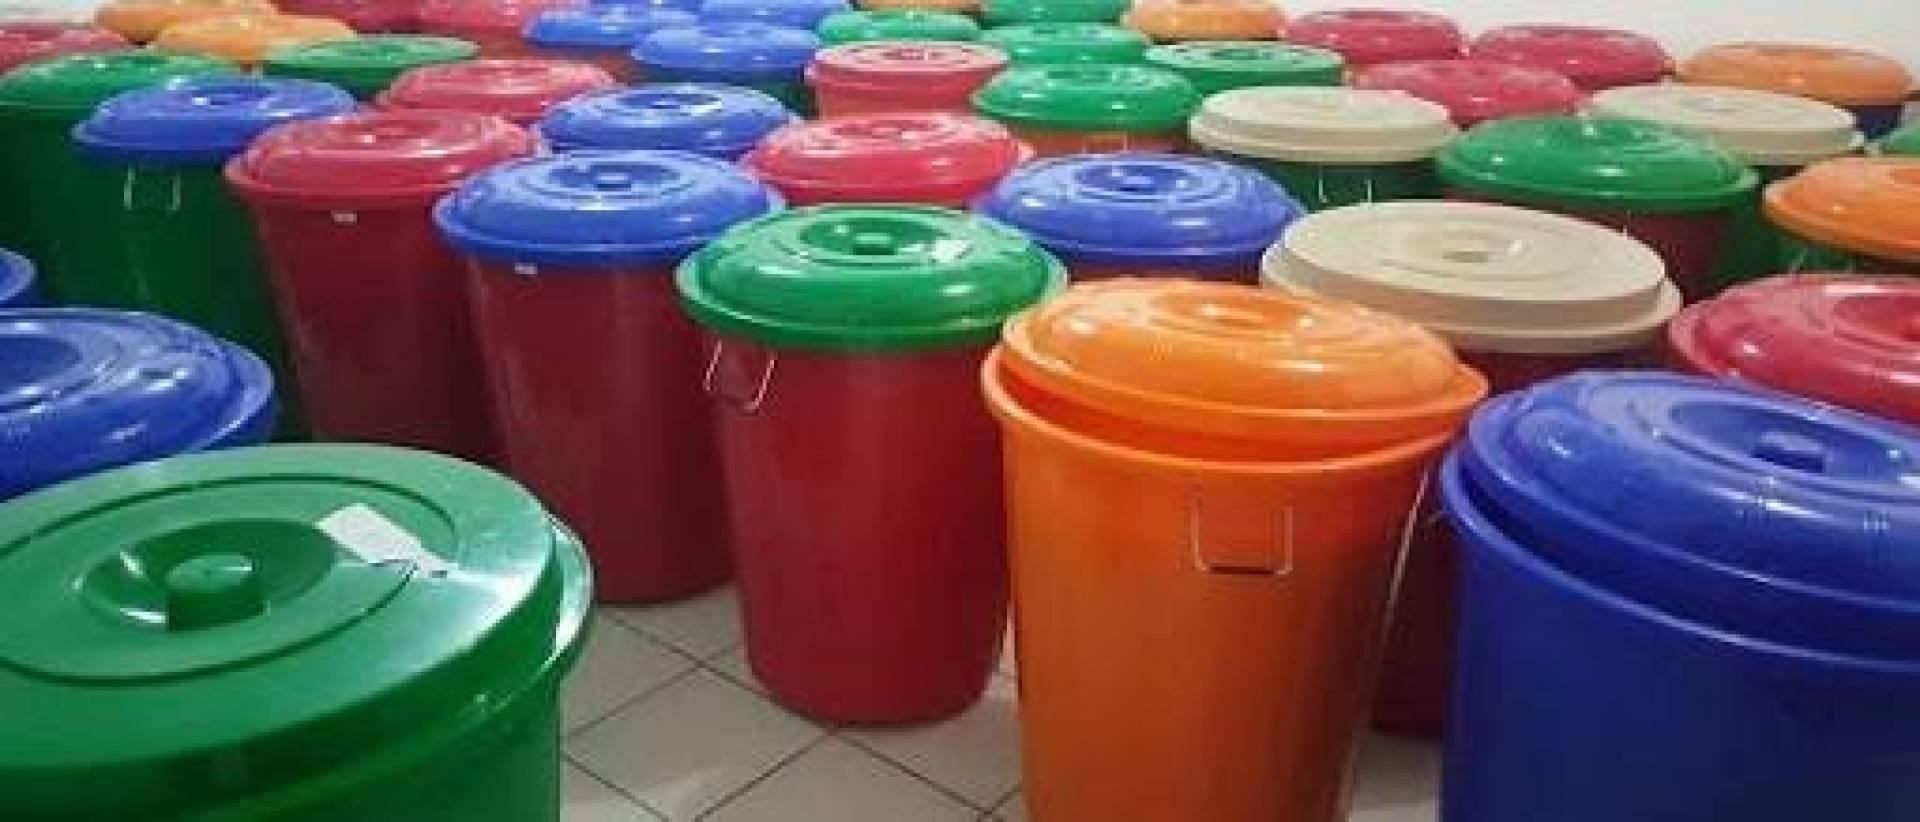 «الداخلية»: ضبط 5 مساكن تستخدم في تصنيع الخمور المحلية بجليب الشيوخ